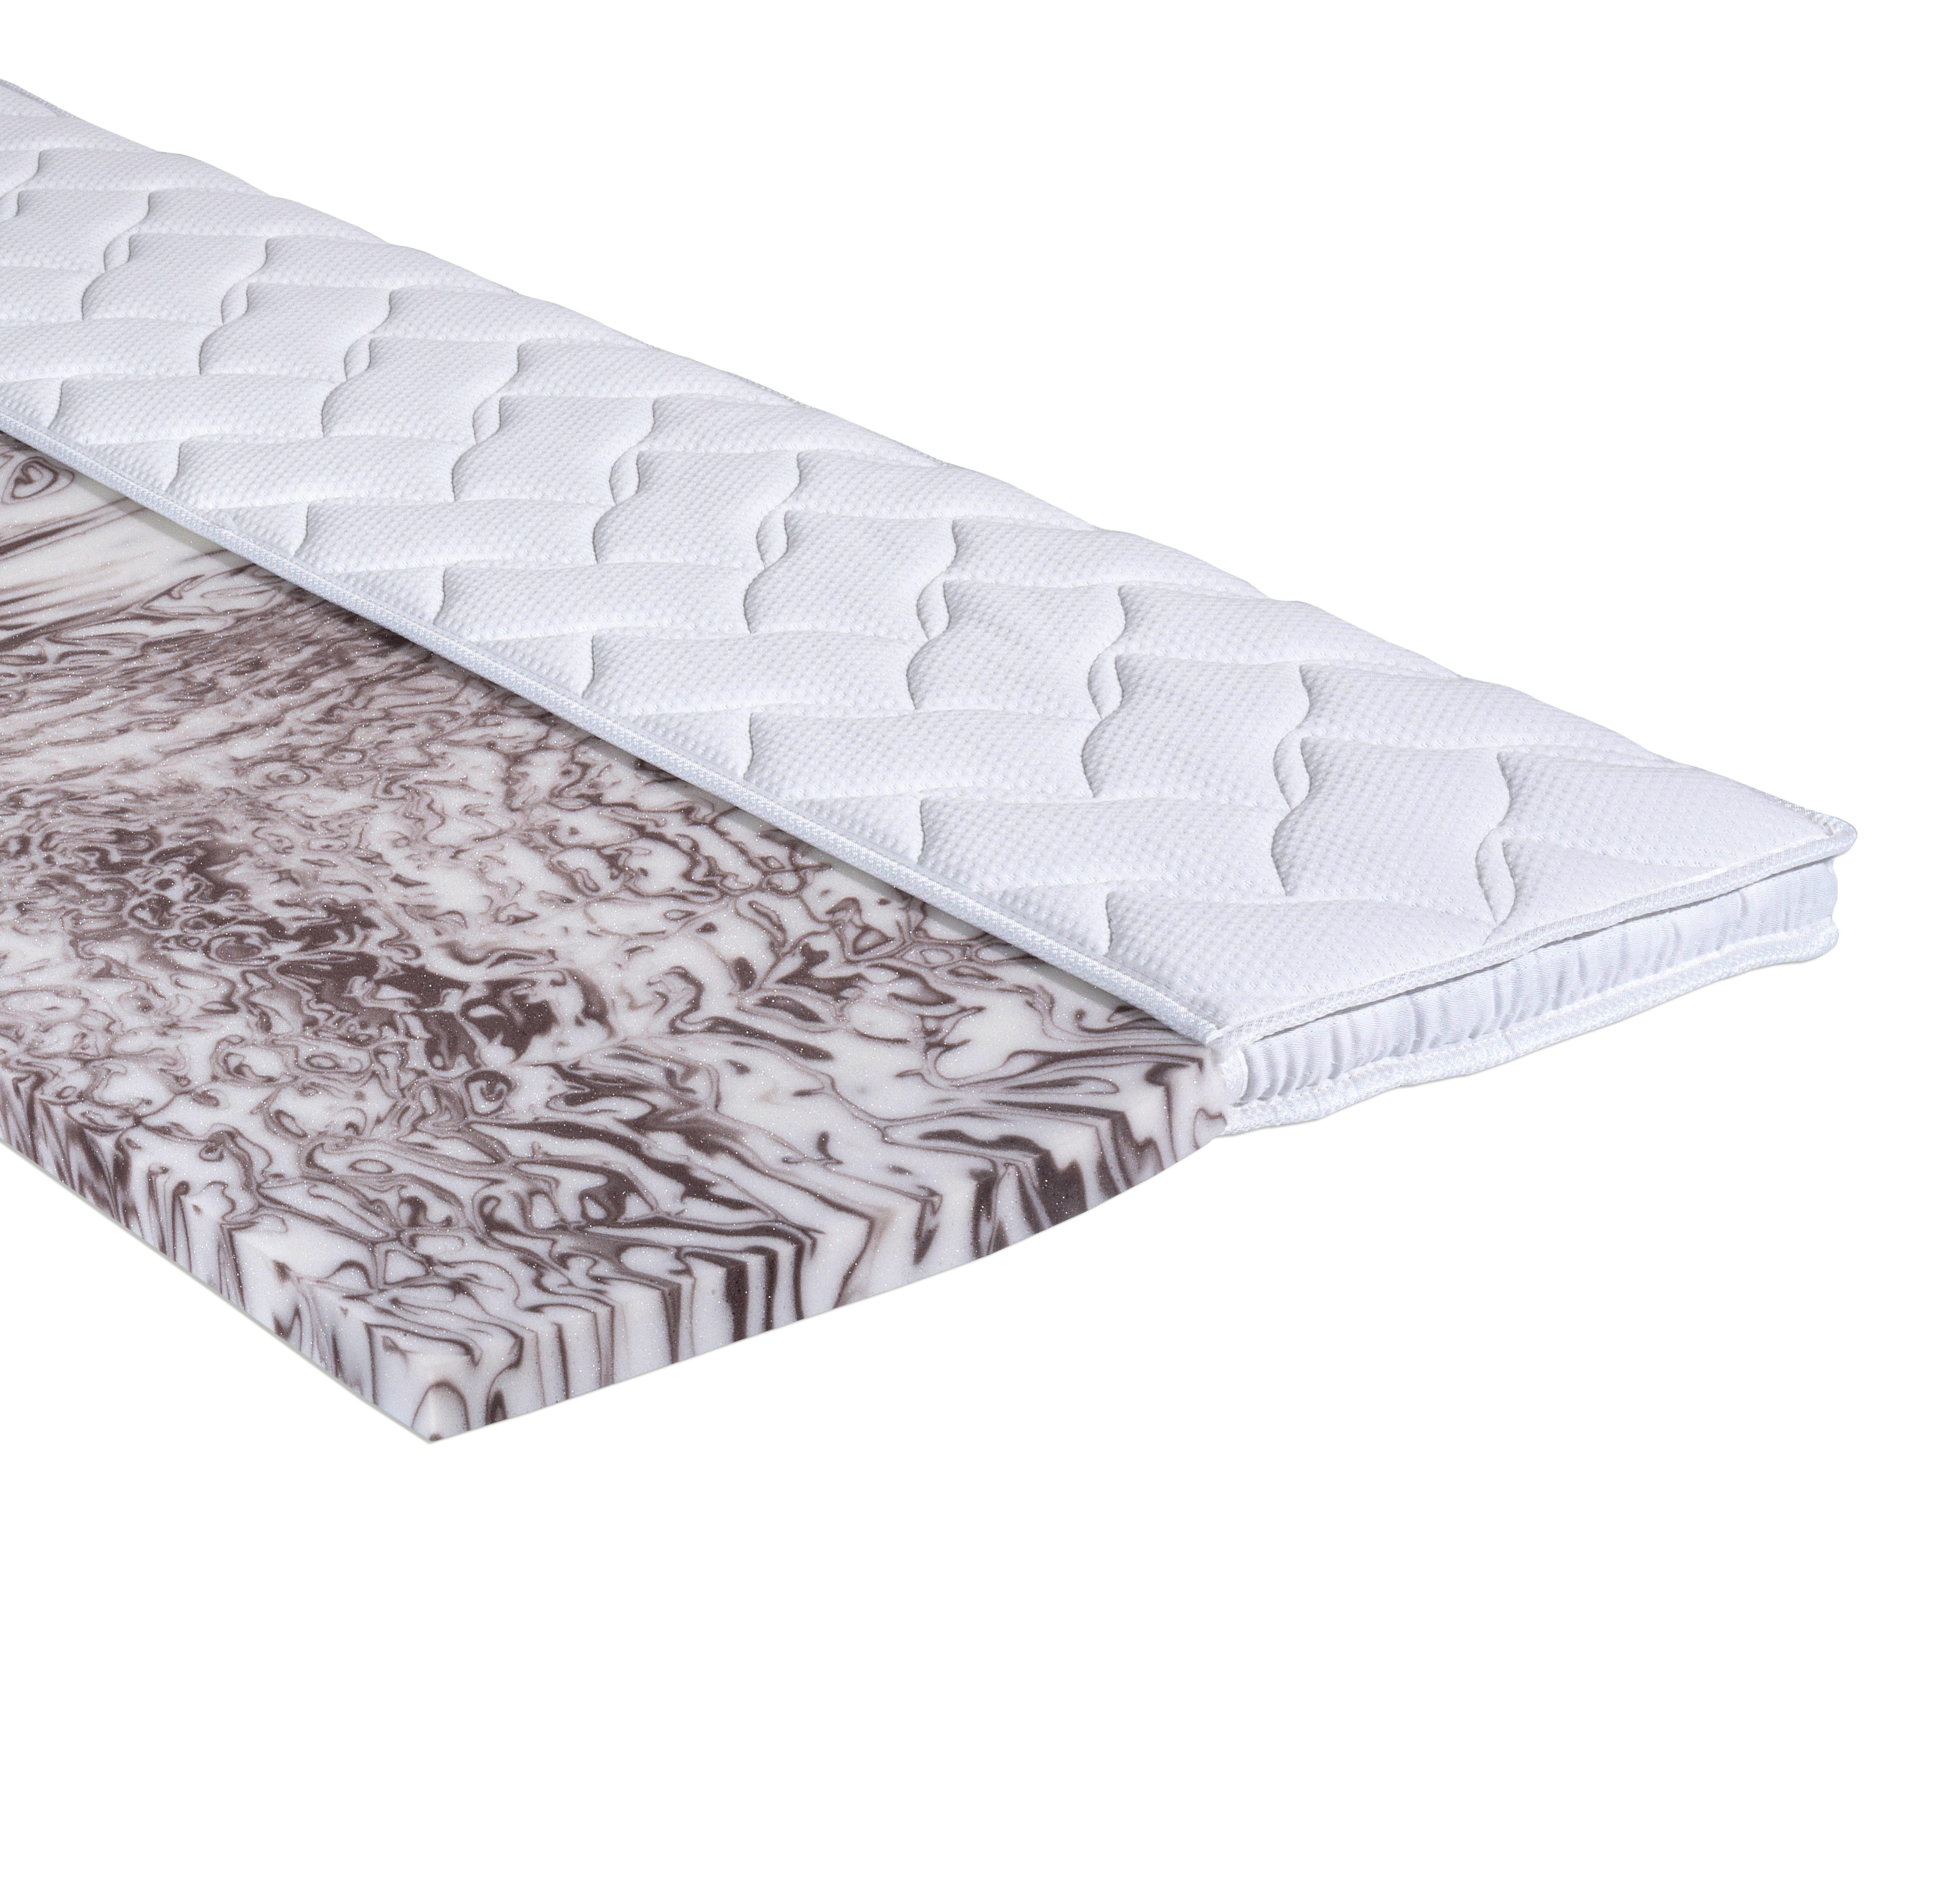 topper gel schaumkern 140x200 cm online bei roller kaufen